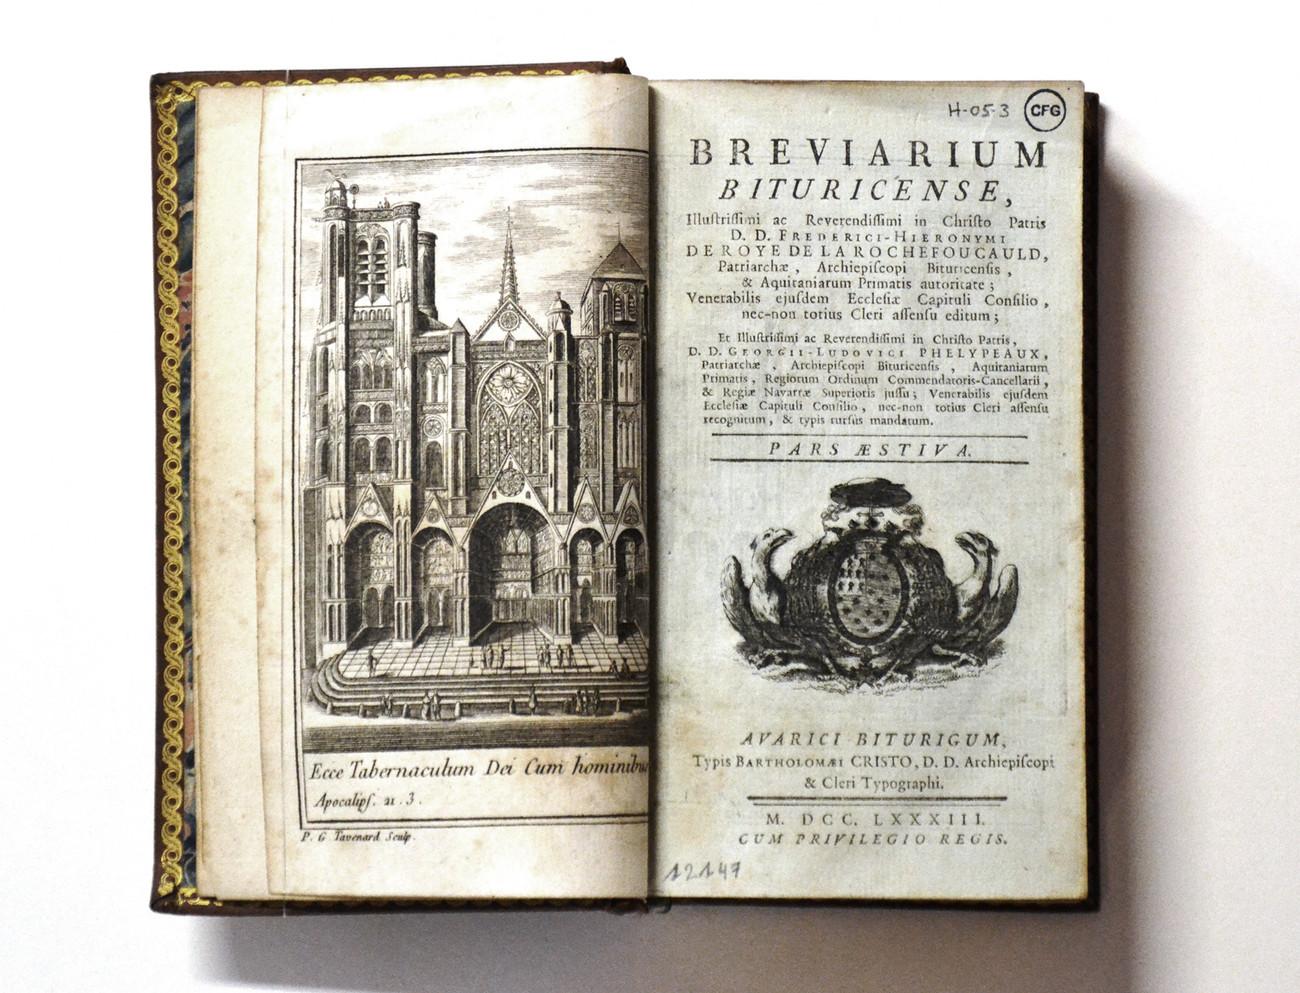 Breviarium Bituricense